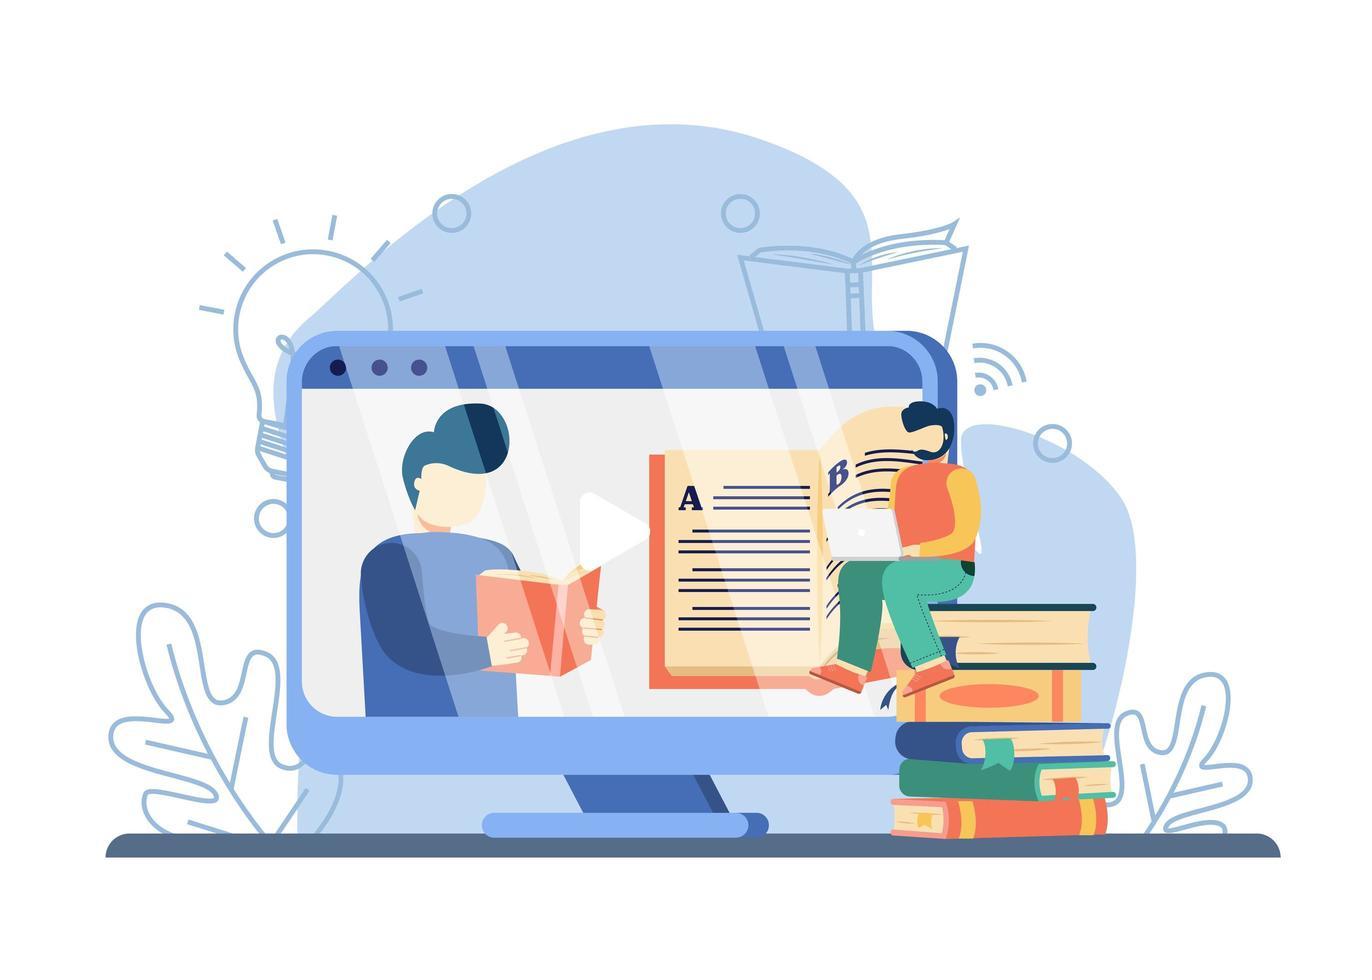 e il concetto di apprendimento. uomo che insegna sullo schermo con un libro, uomo che guarda lezione online. istruzione in linea, istruzione domestica, libri in linea, istruzione a distanza e scuola di affari in linea vettore